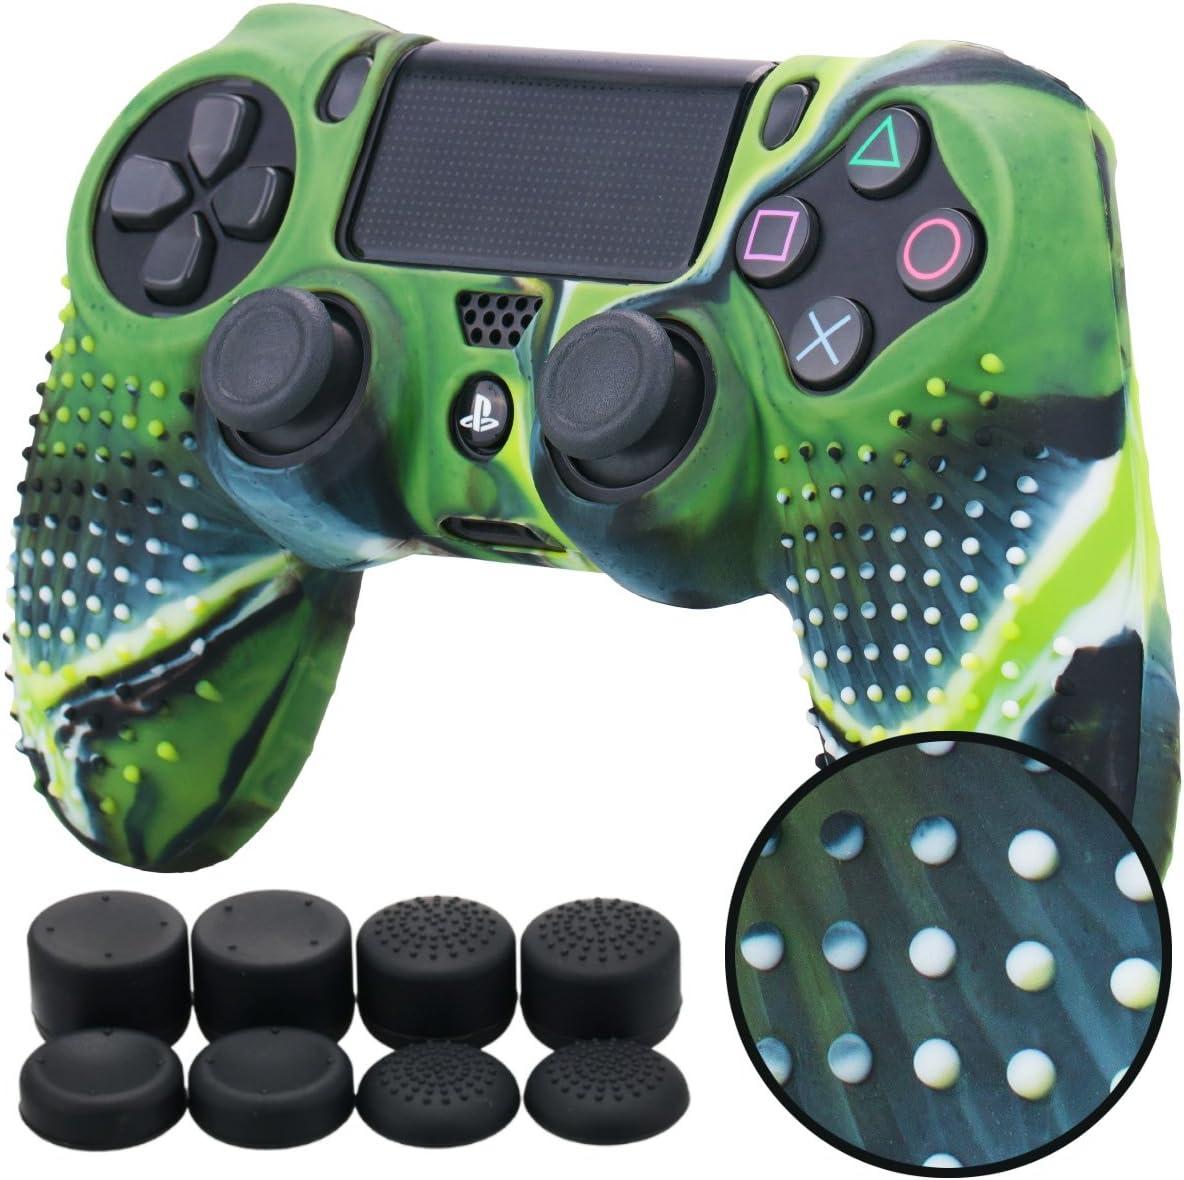 Pandaren® TACHONADO de silicona Fundas protectores de piel antideslizante para el PS4 Mando x 1 (camuflaje verde) + FPS PRO thumb grip x 8